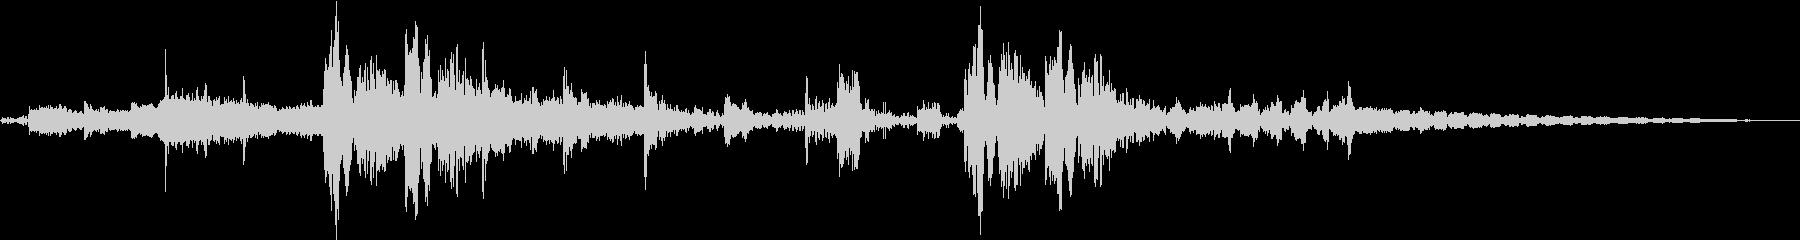 シンセFXと心音のジングル Bパターンの未再生の波形